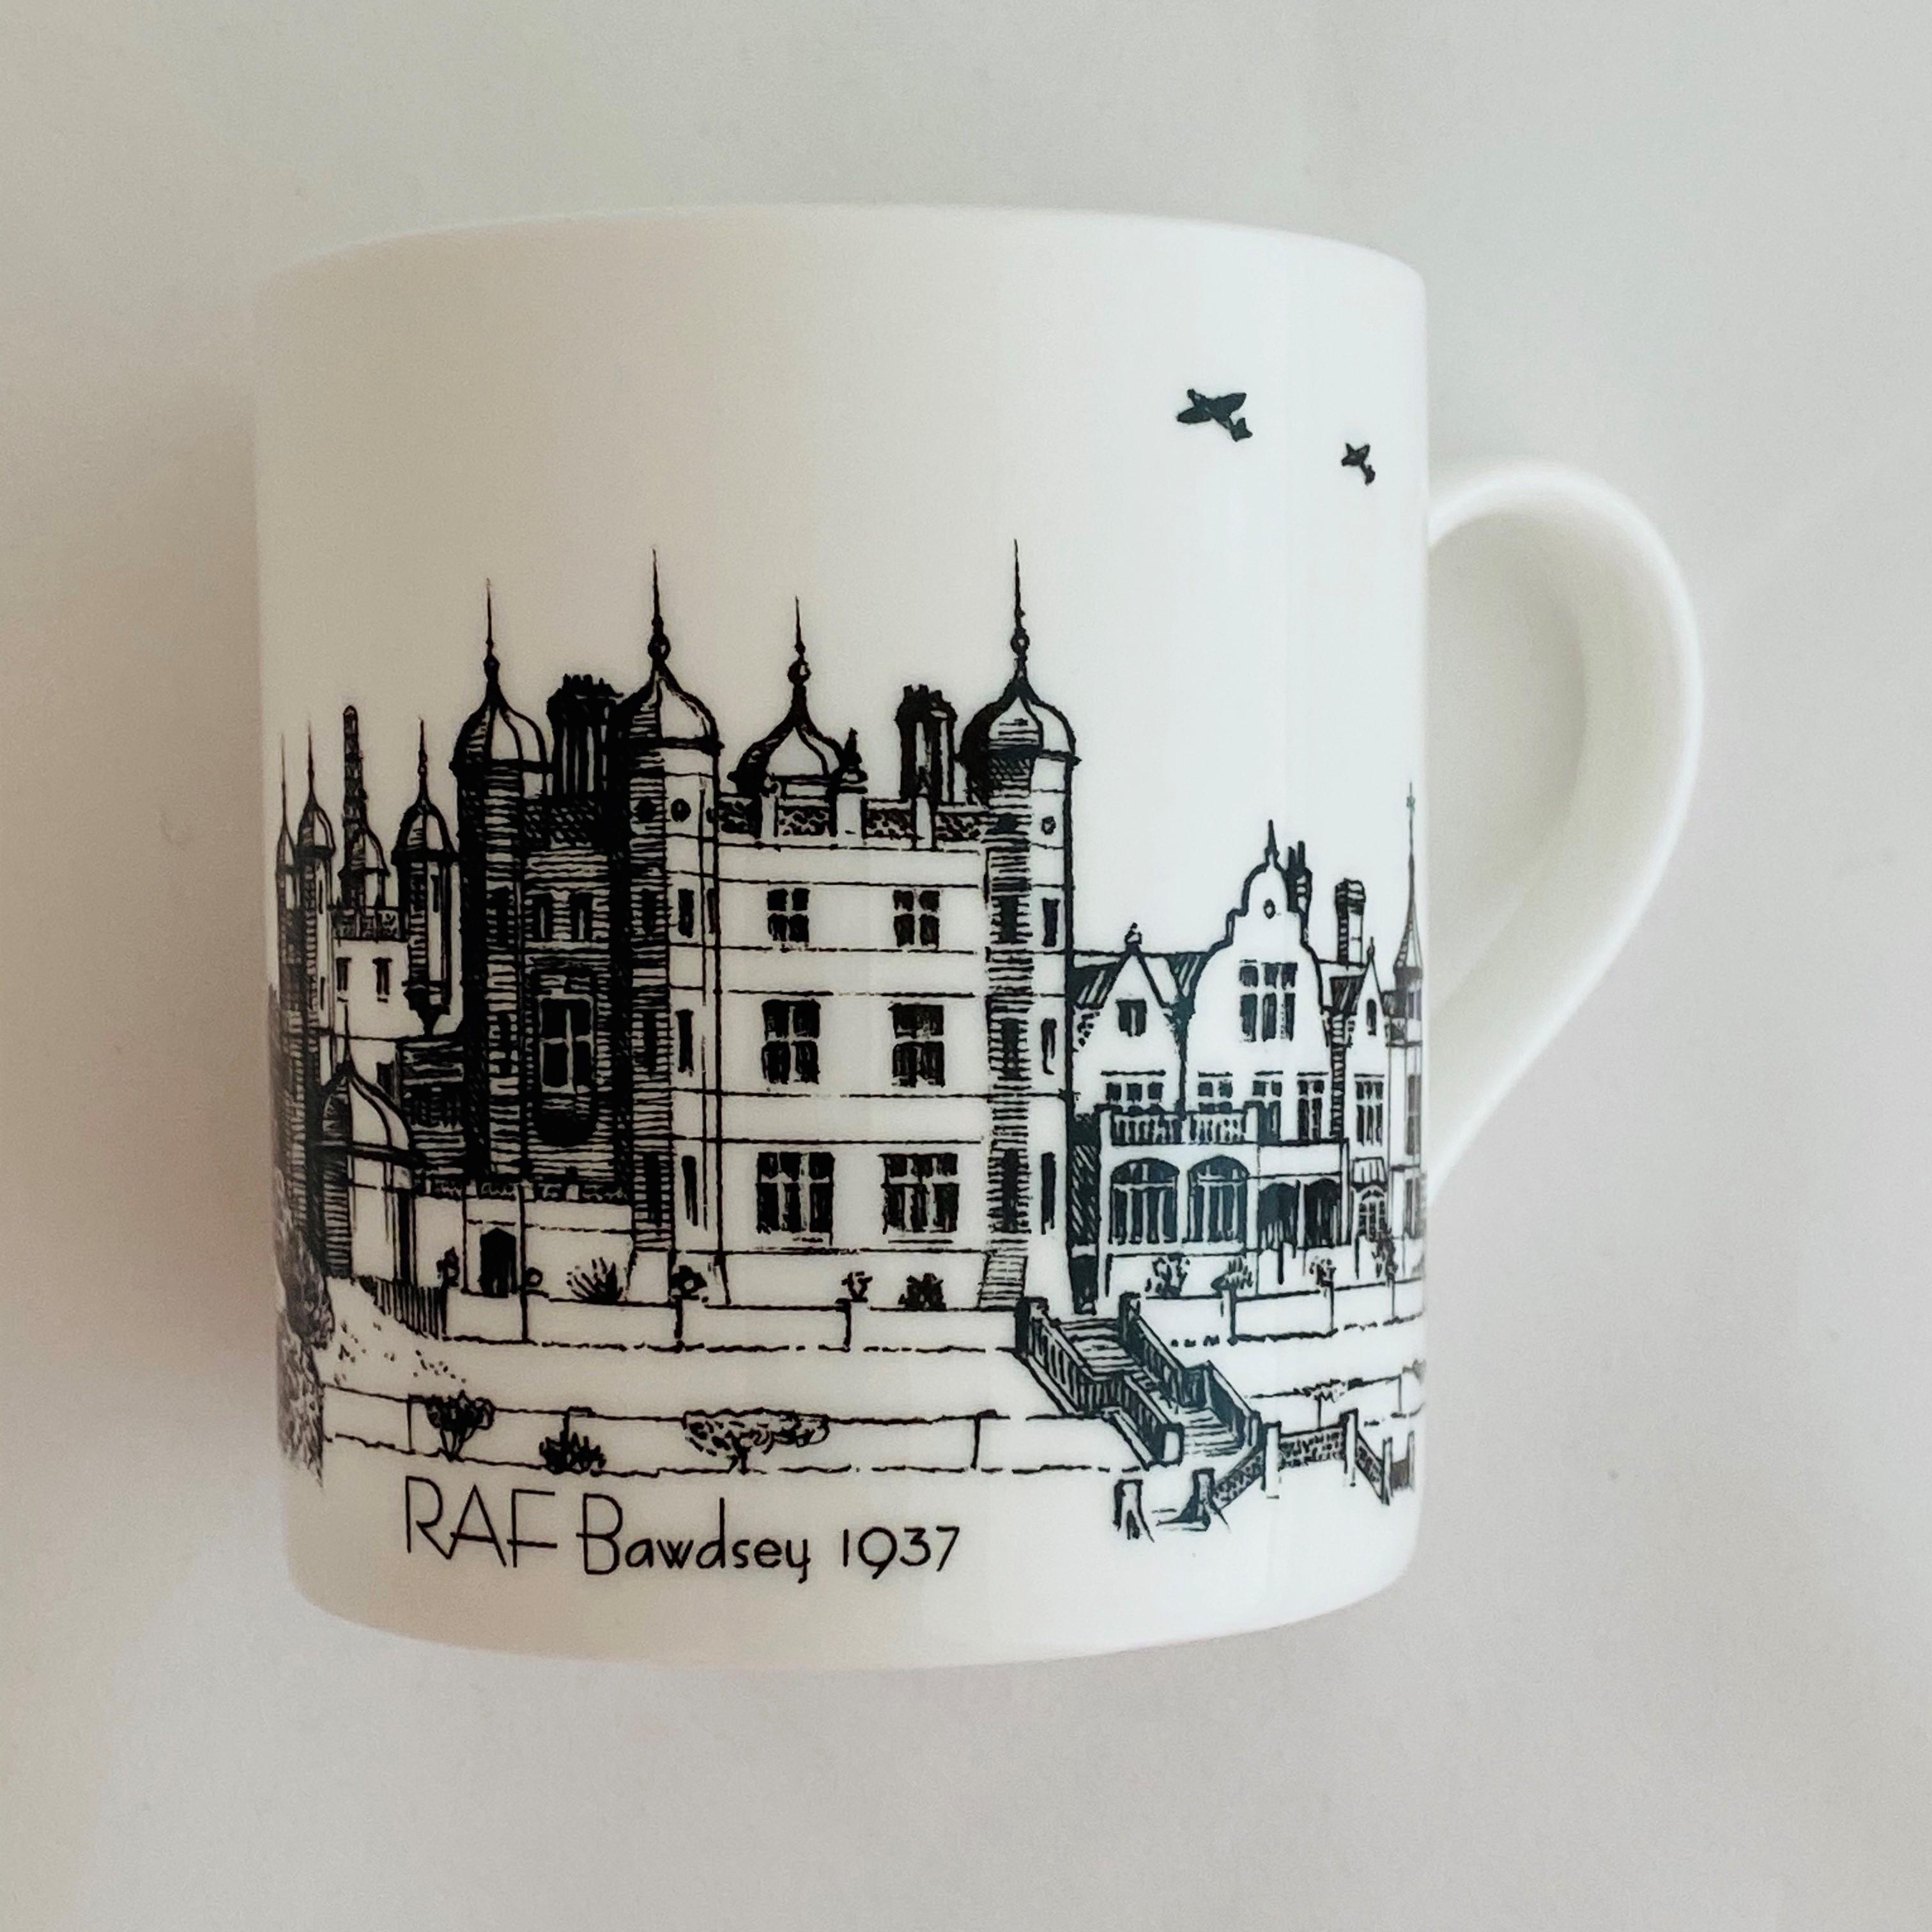 RAF Bawdsey 1937 Mug